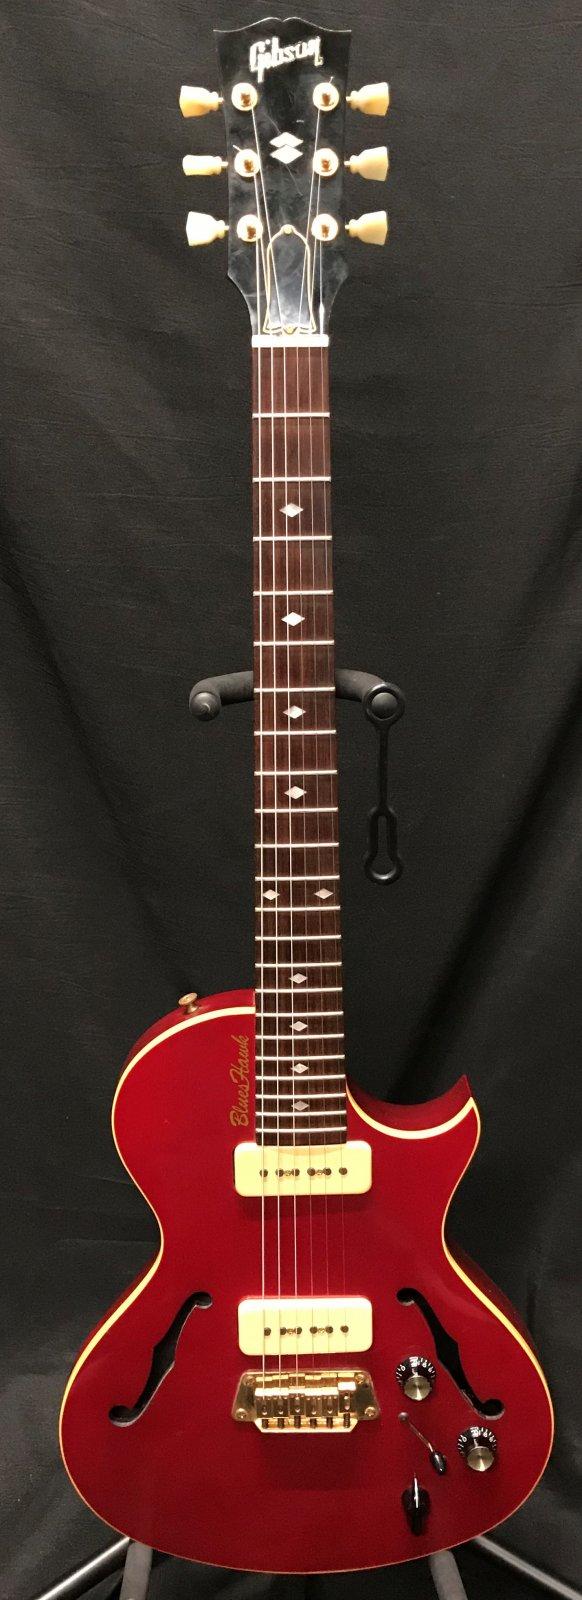 Used Gibson Blues Hawk 1997 w/case